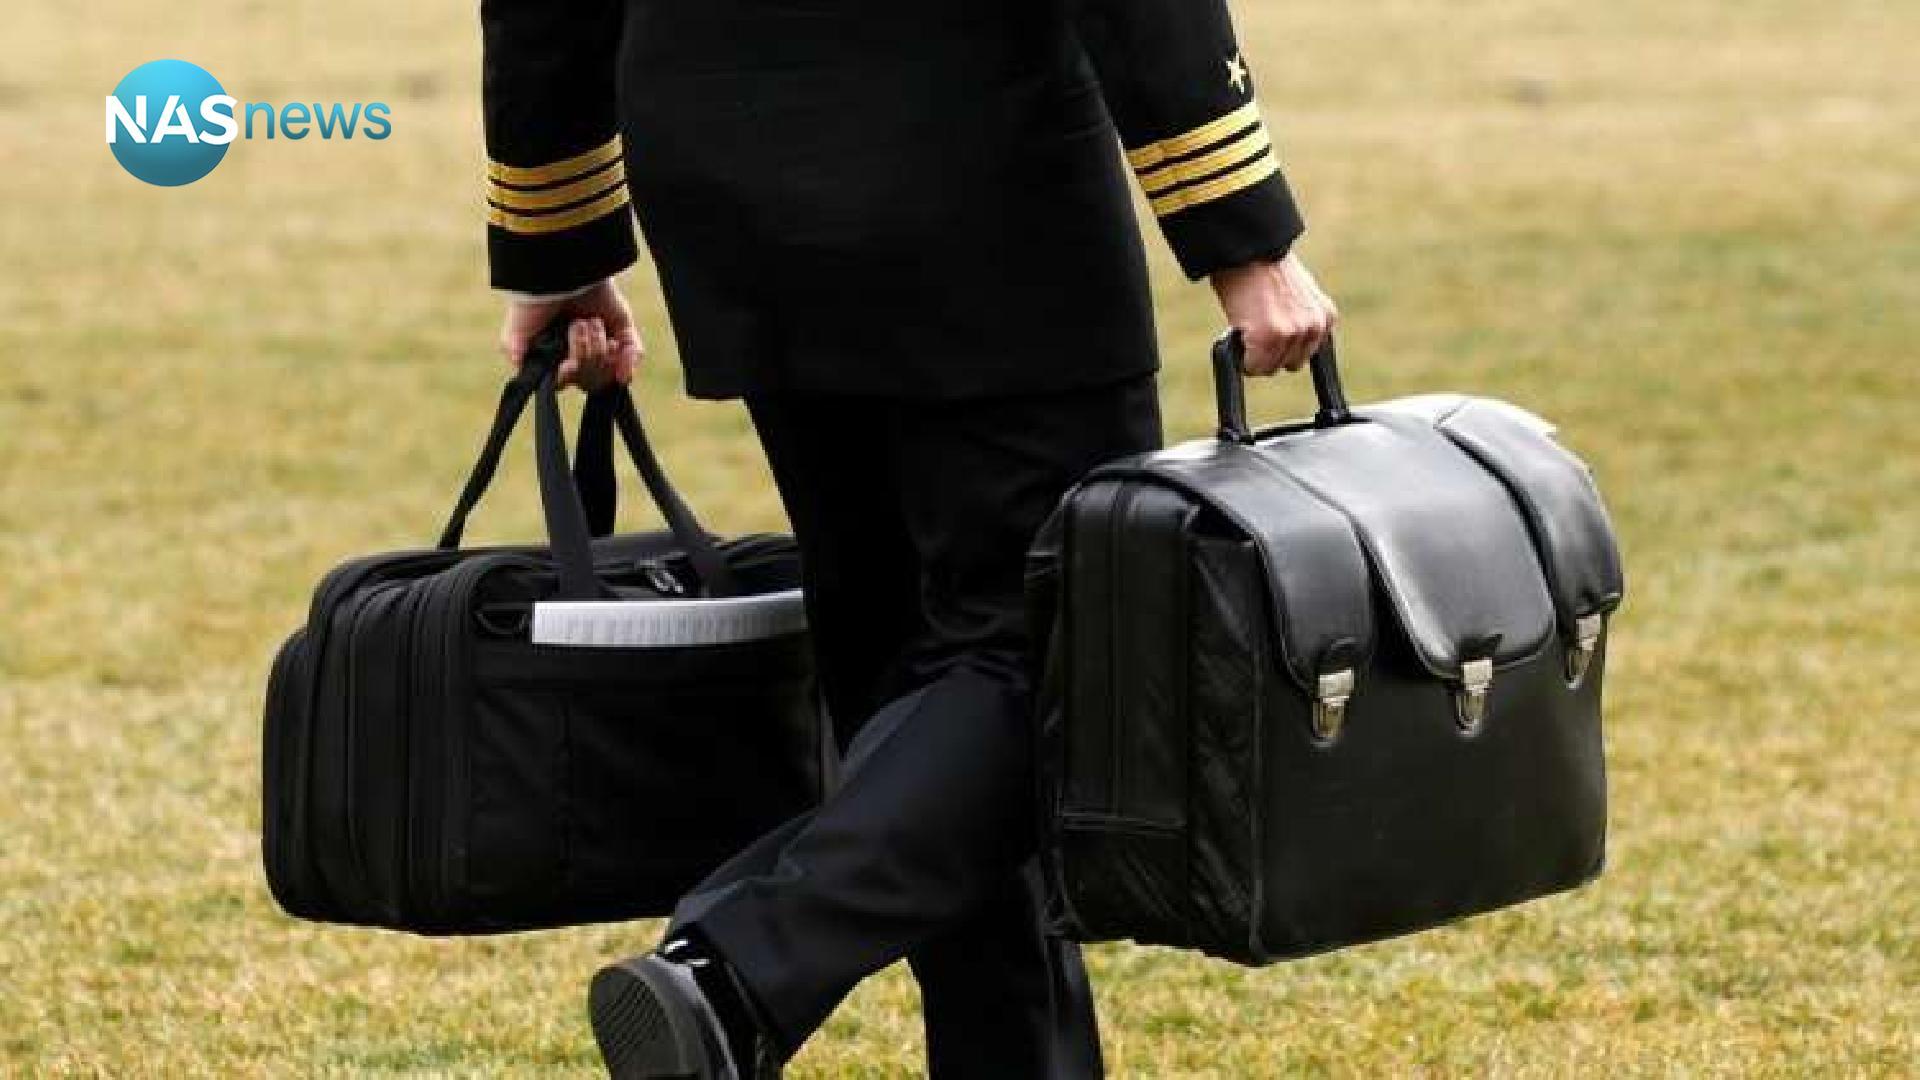 تقرير: حقيبتان نوويتان لأول مرة في الولايات المتحدة.. ماذا حدث لحظة تنصيب بايدن؟